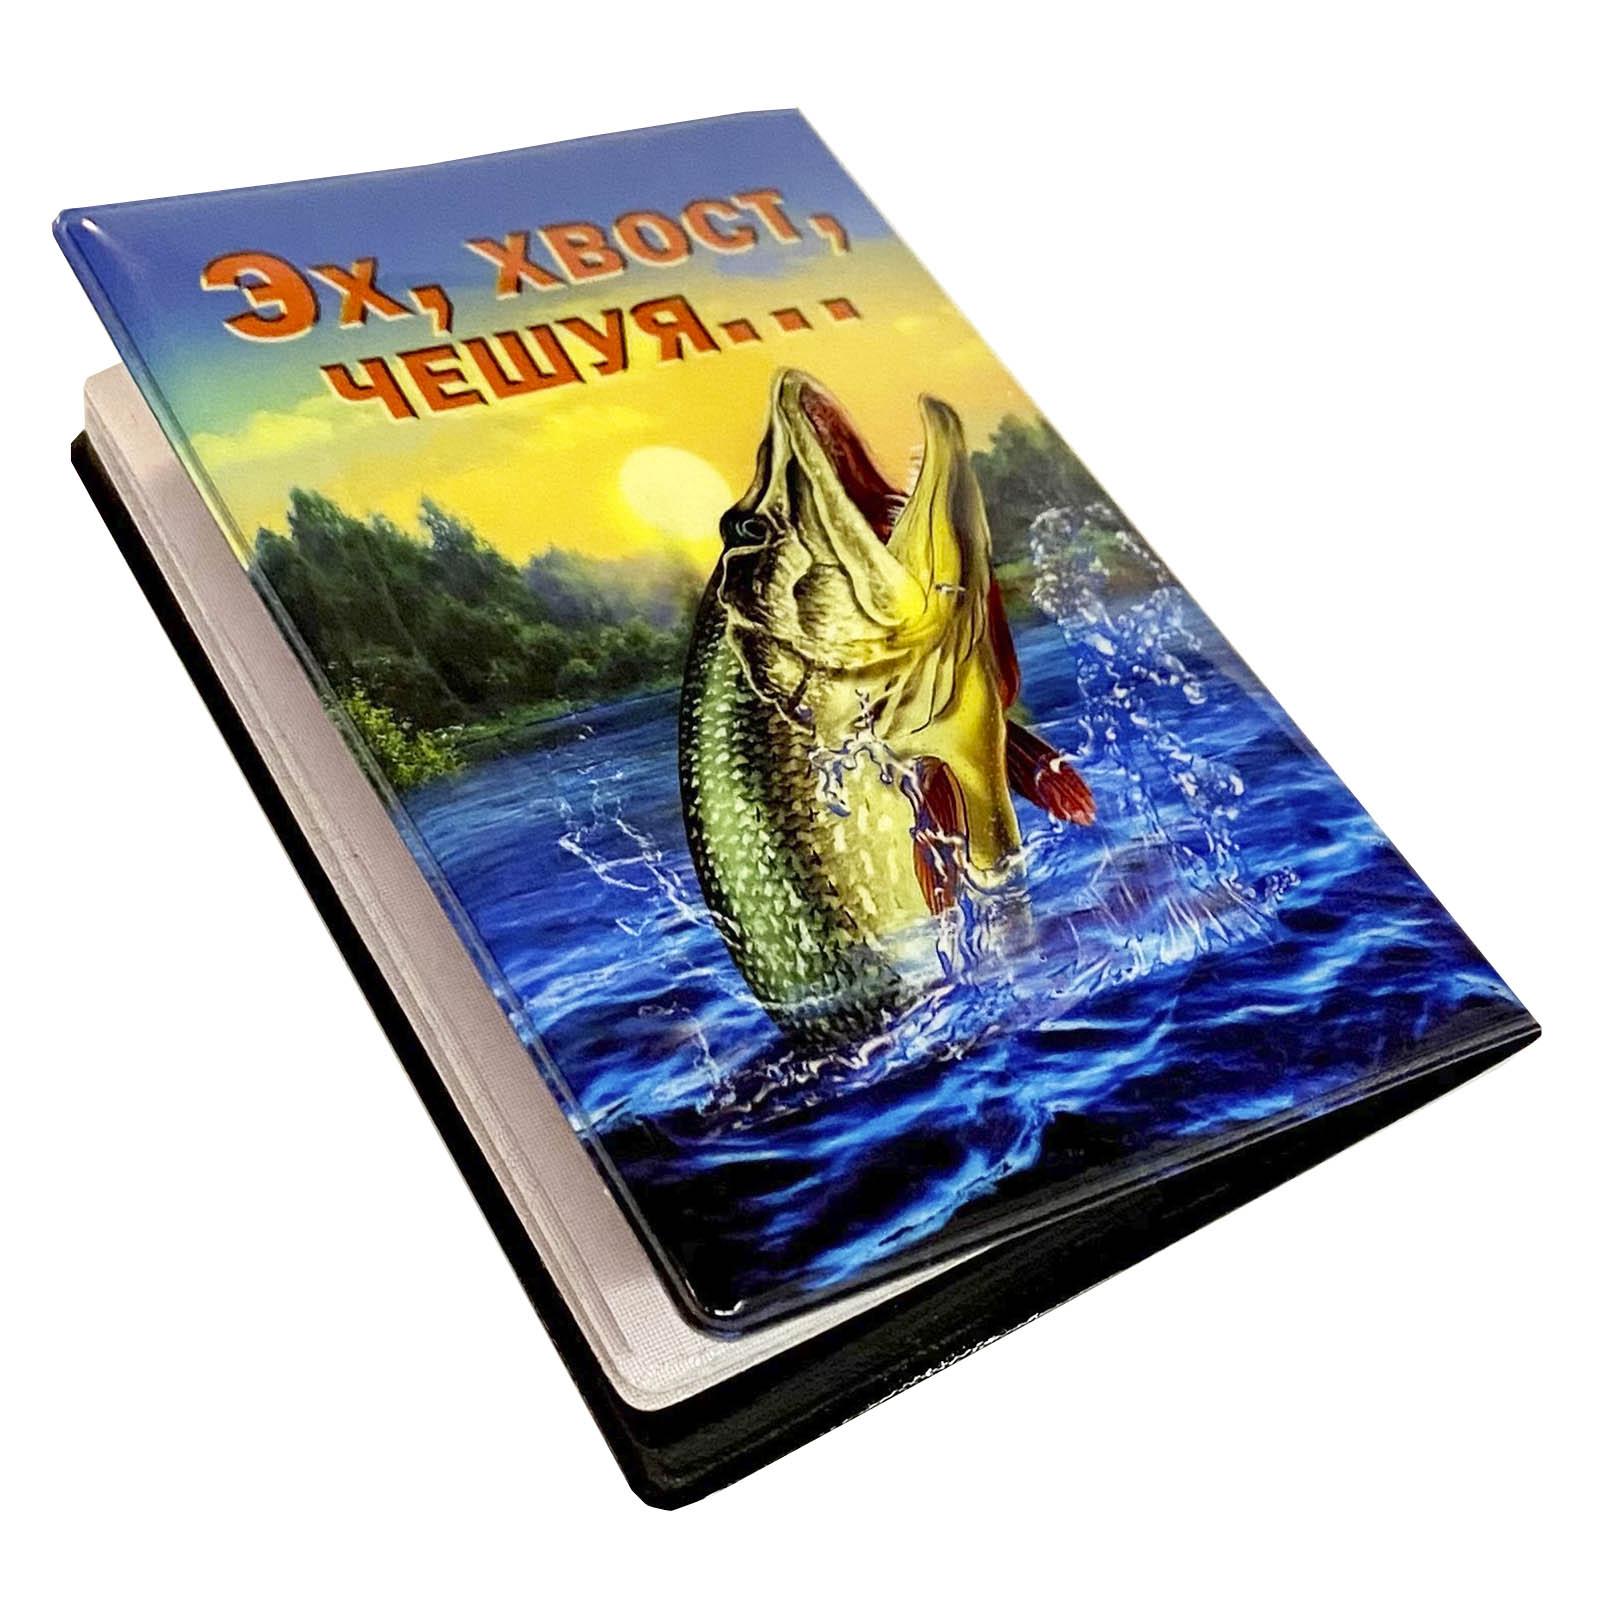 Обложка на паспорт Клёвый рыбак - недорого